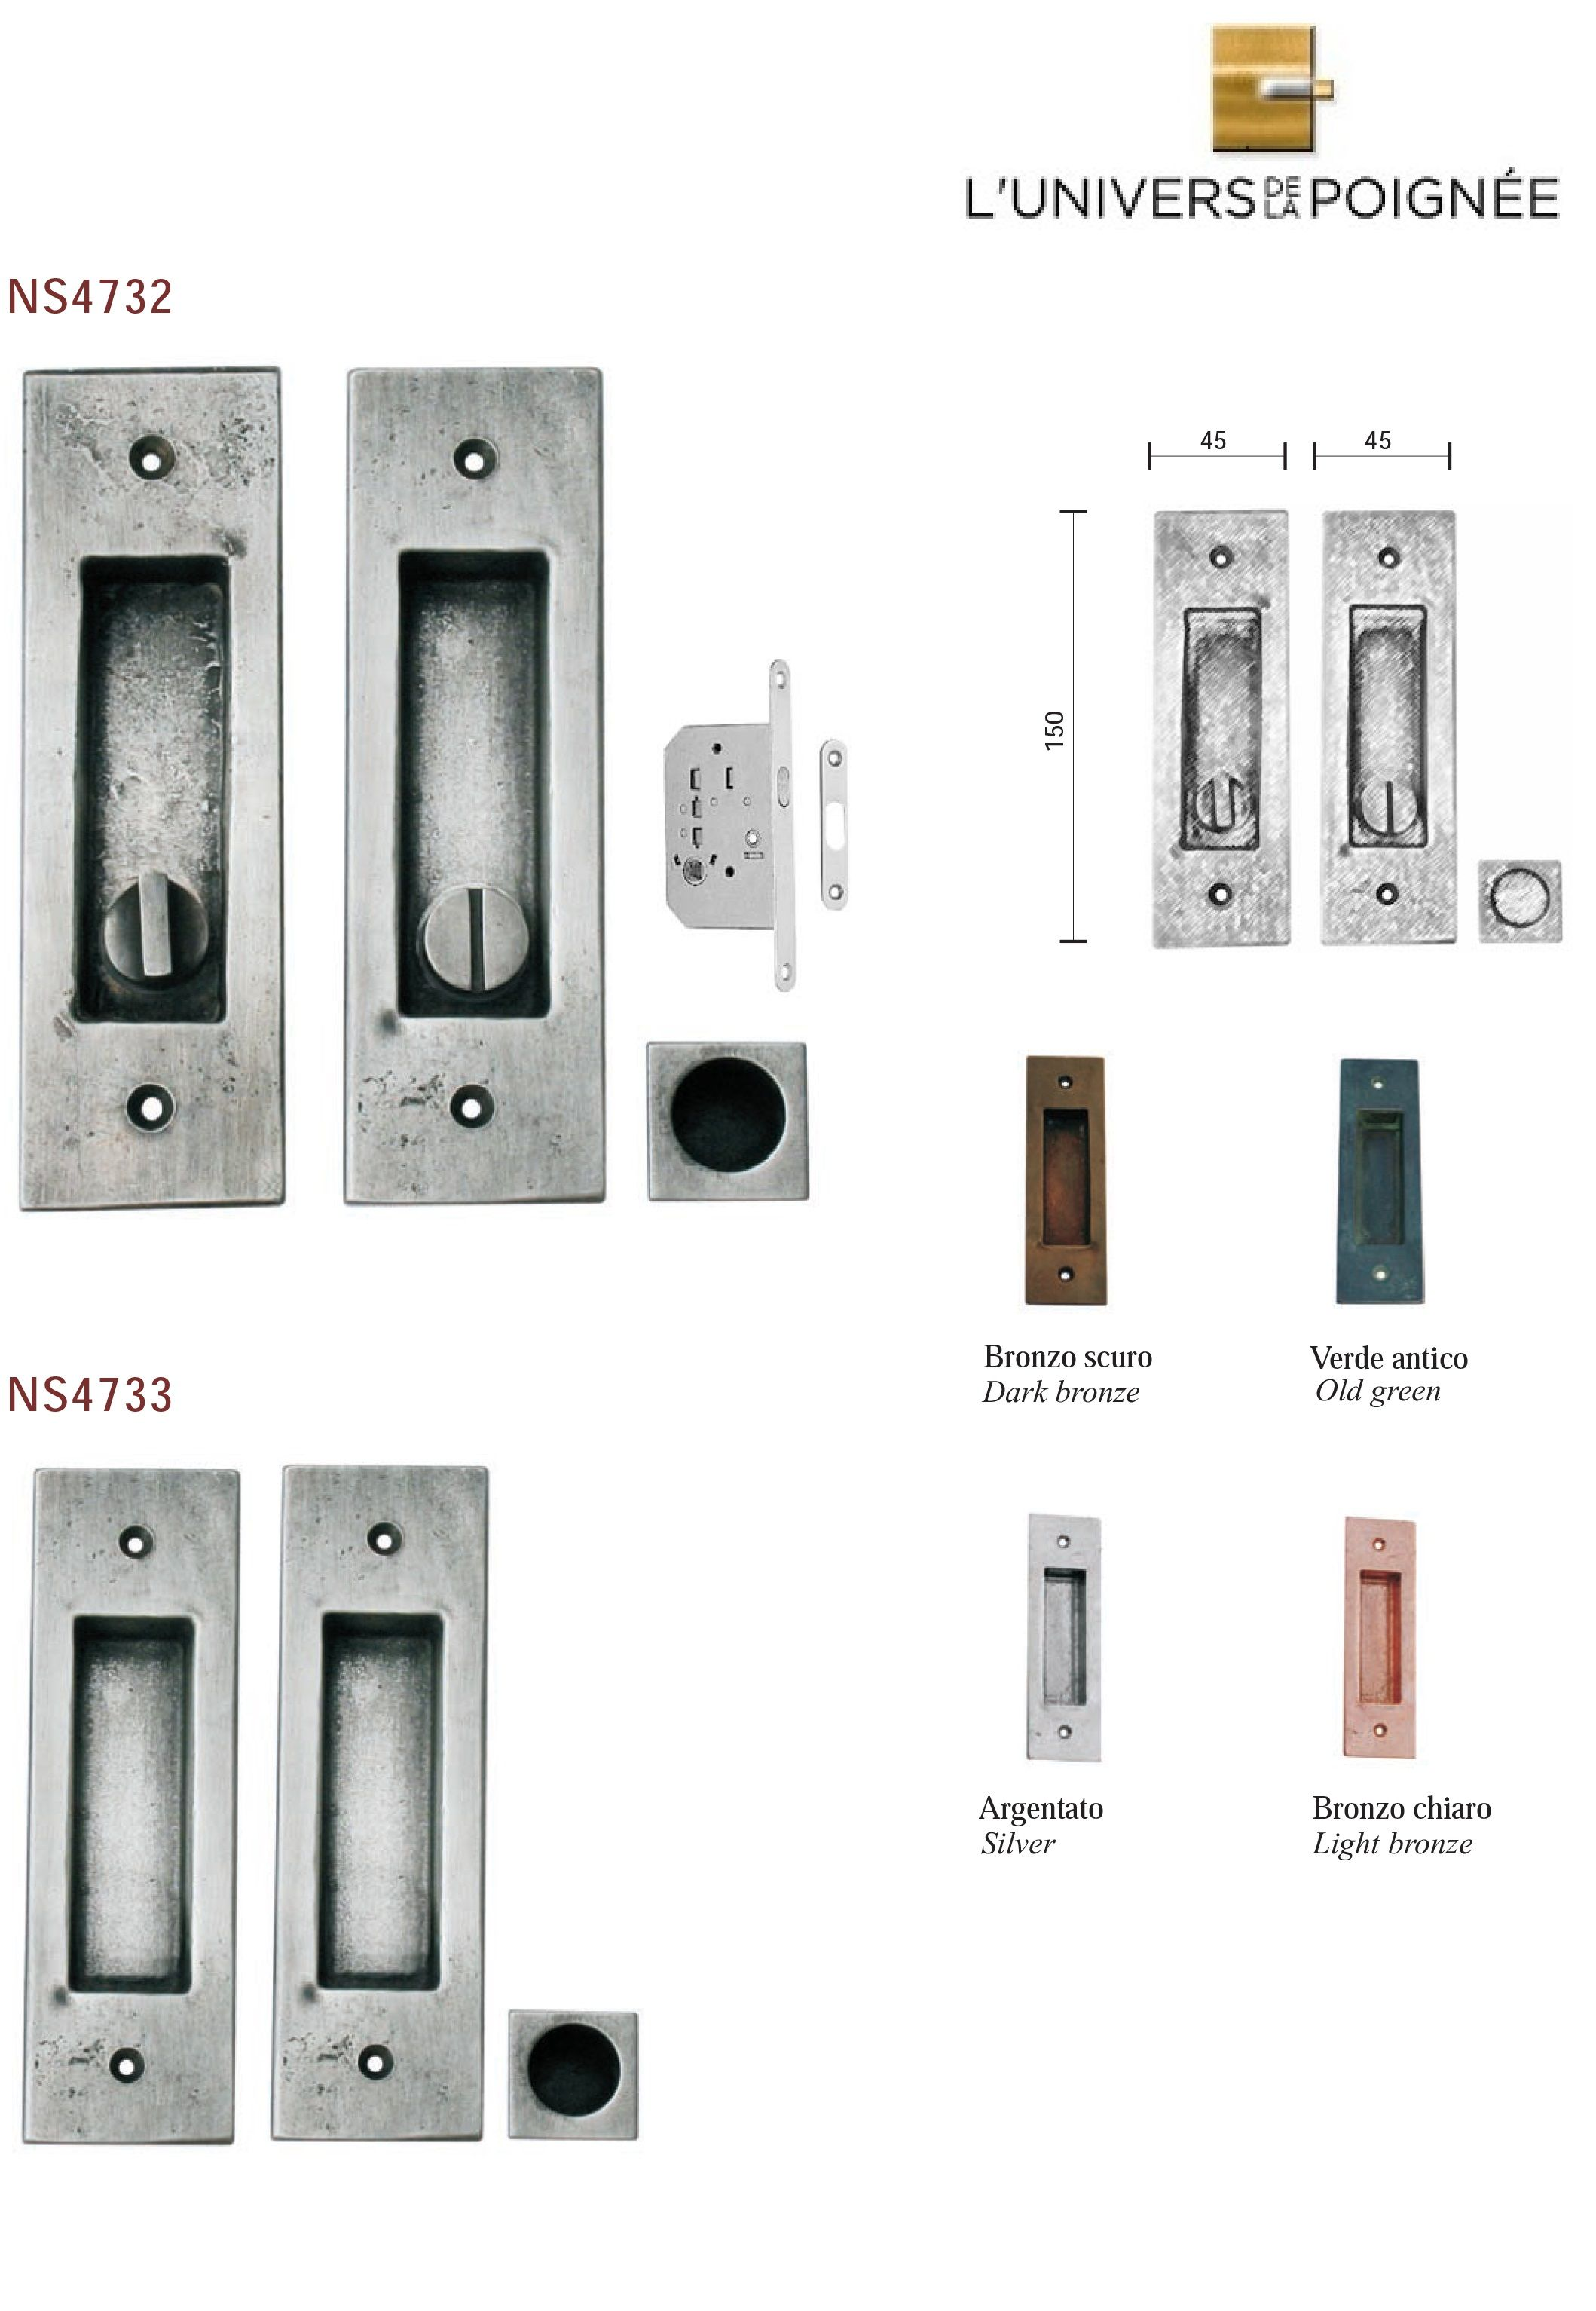 Kit encastr pour porte coulissante bronze collection l - Poignee de porte invisible ...